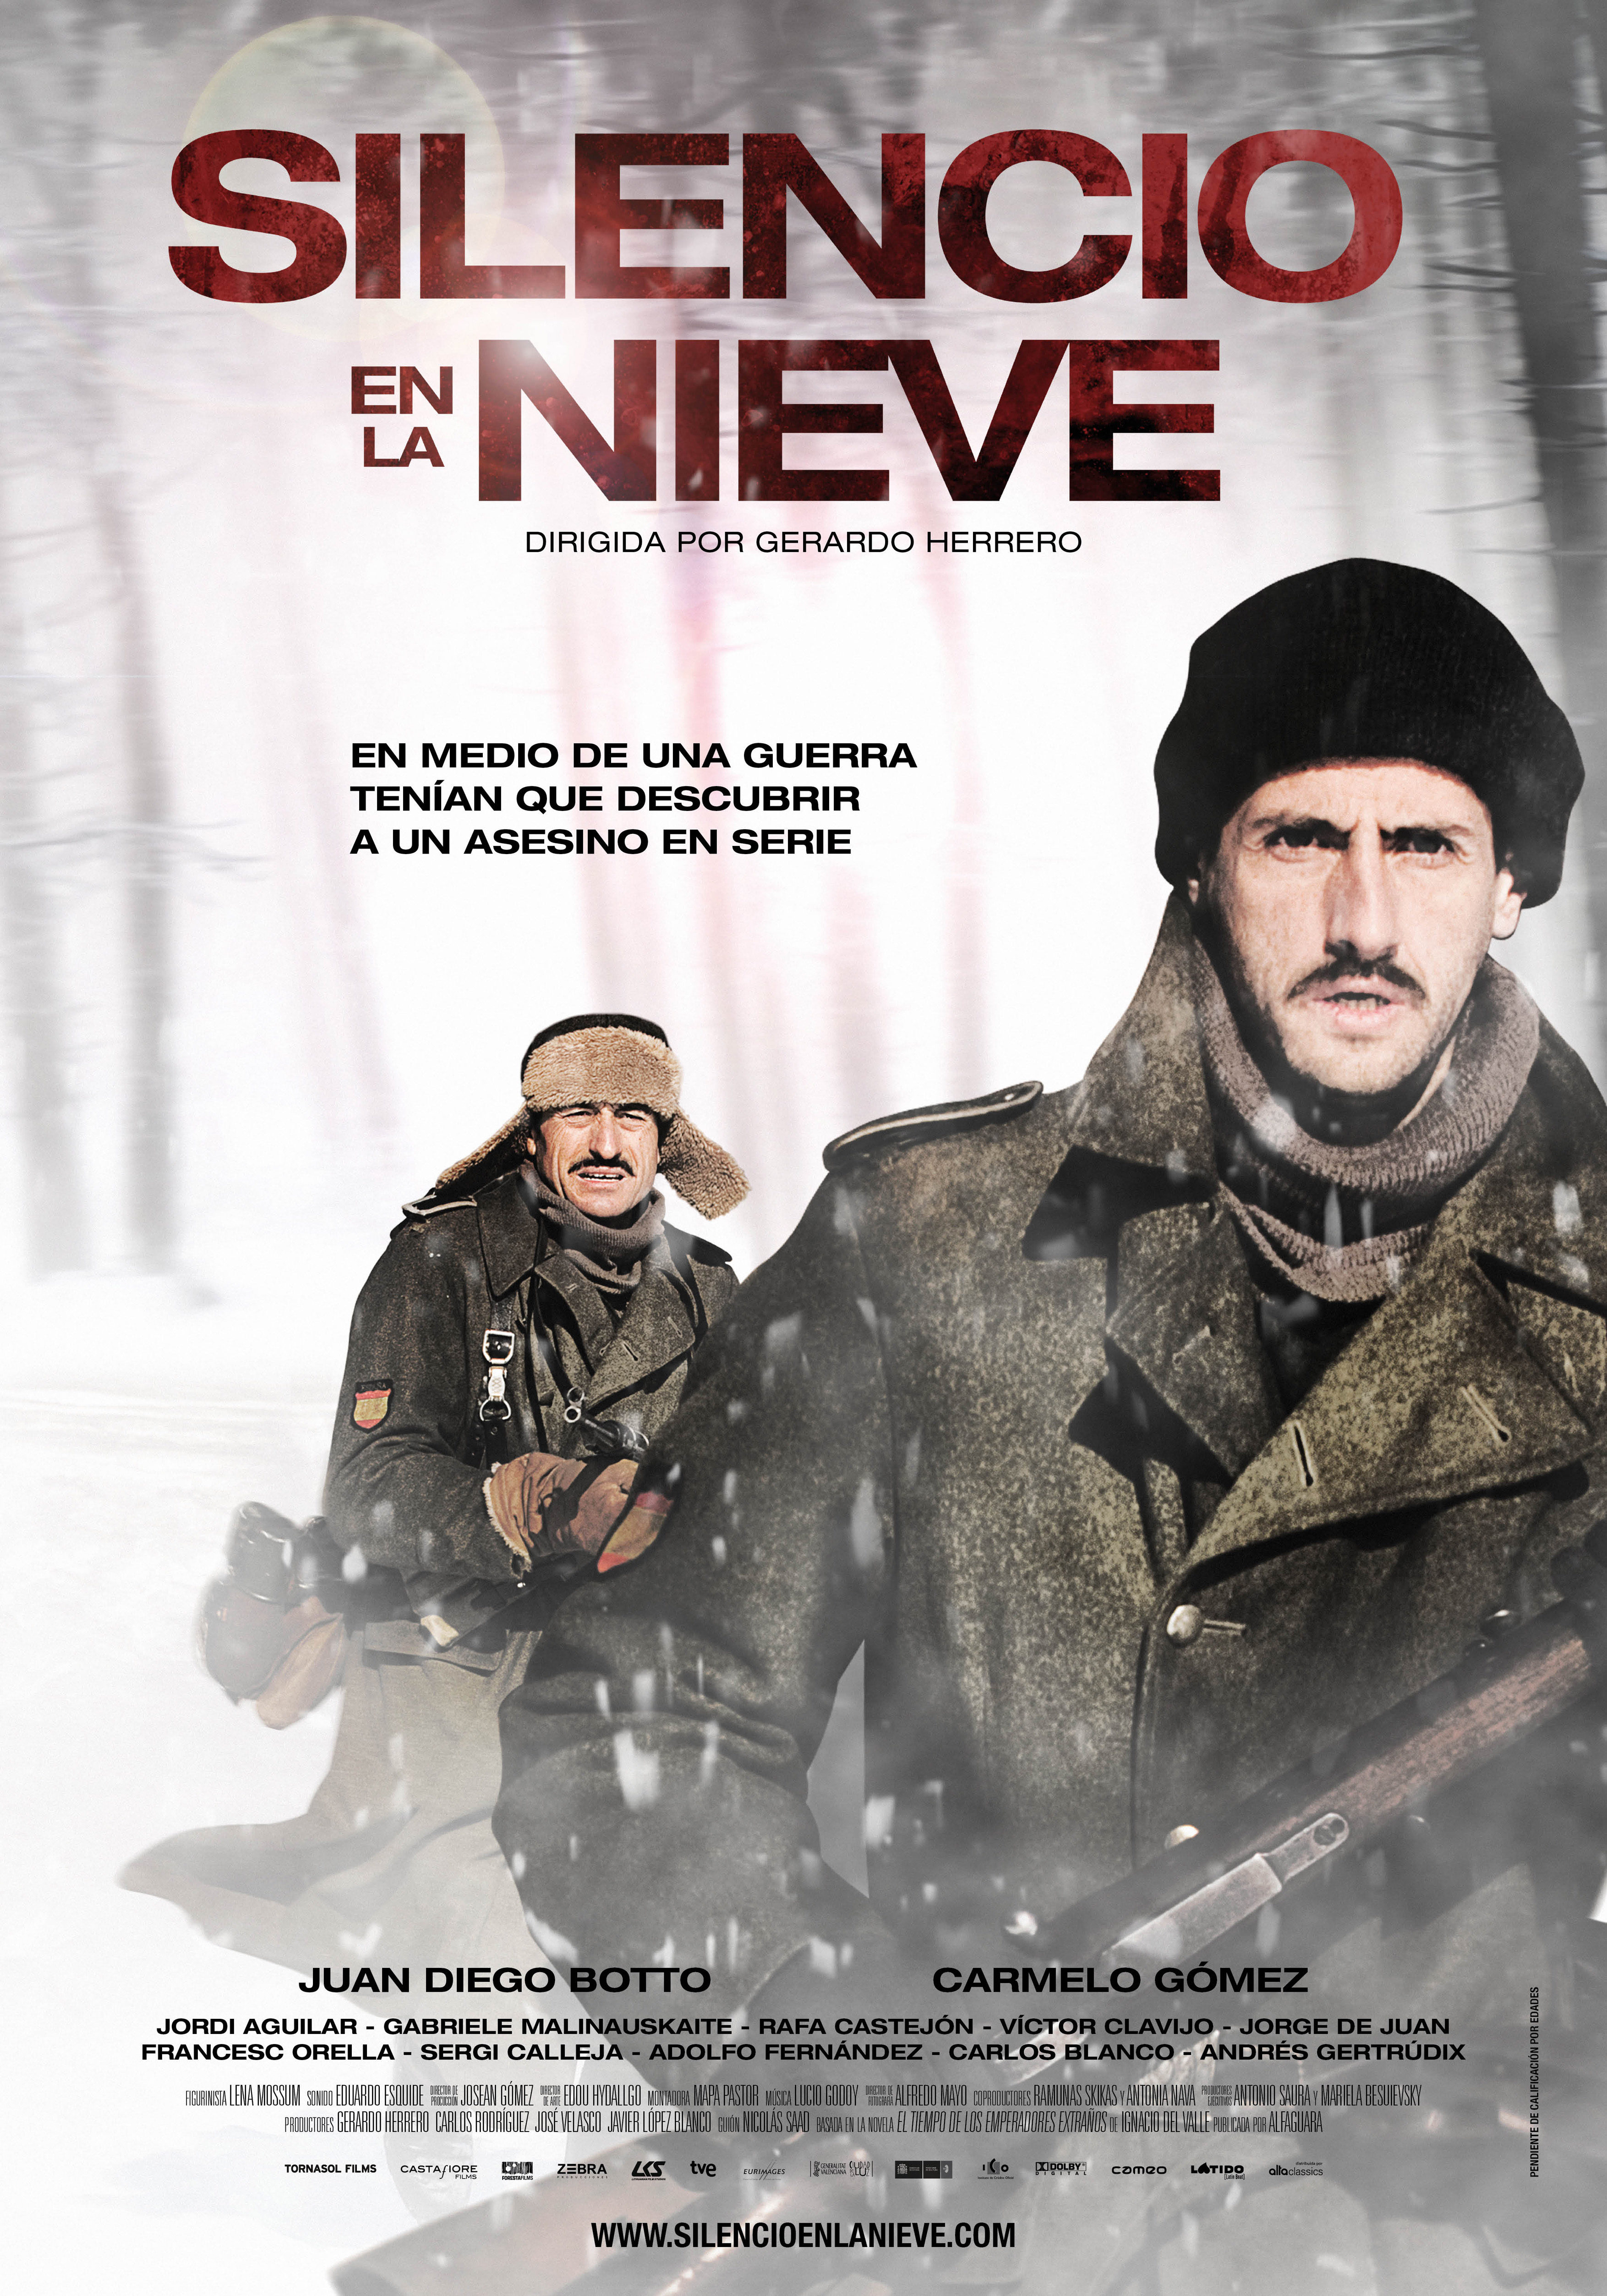 Cartel España de 'Silencio en la nieve'